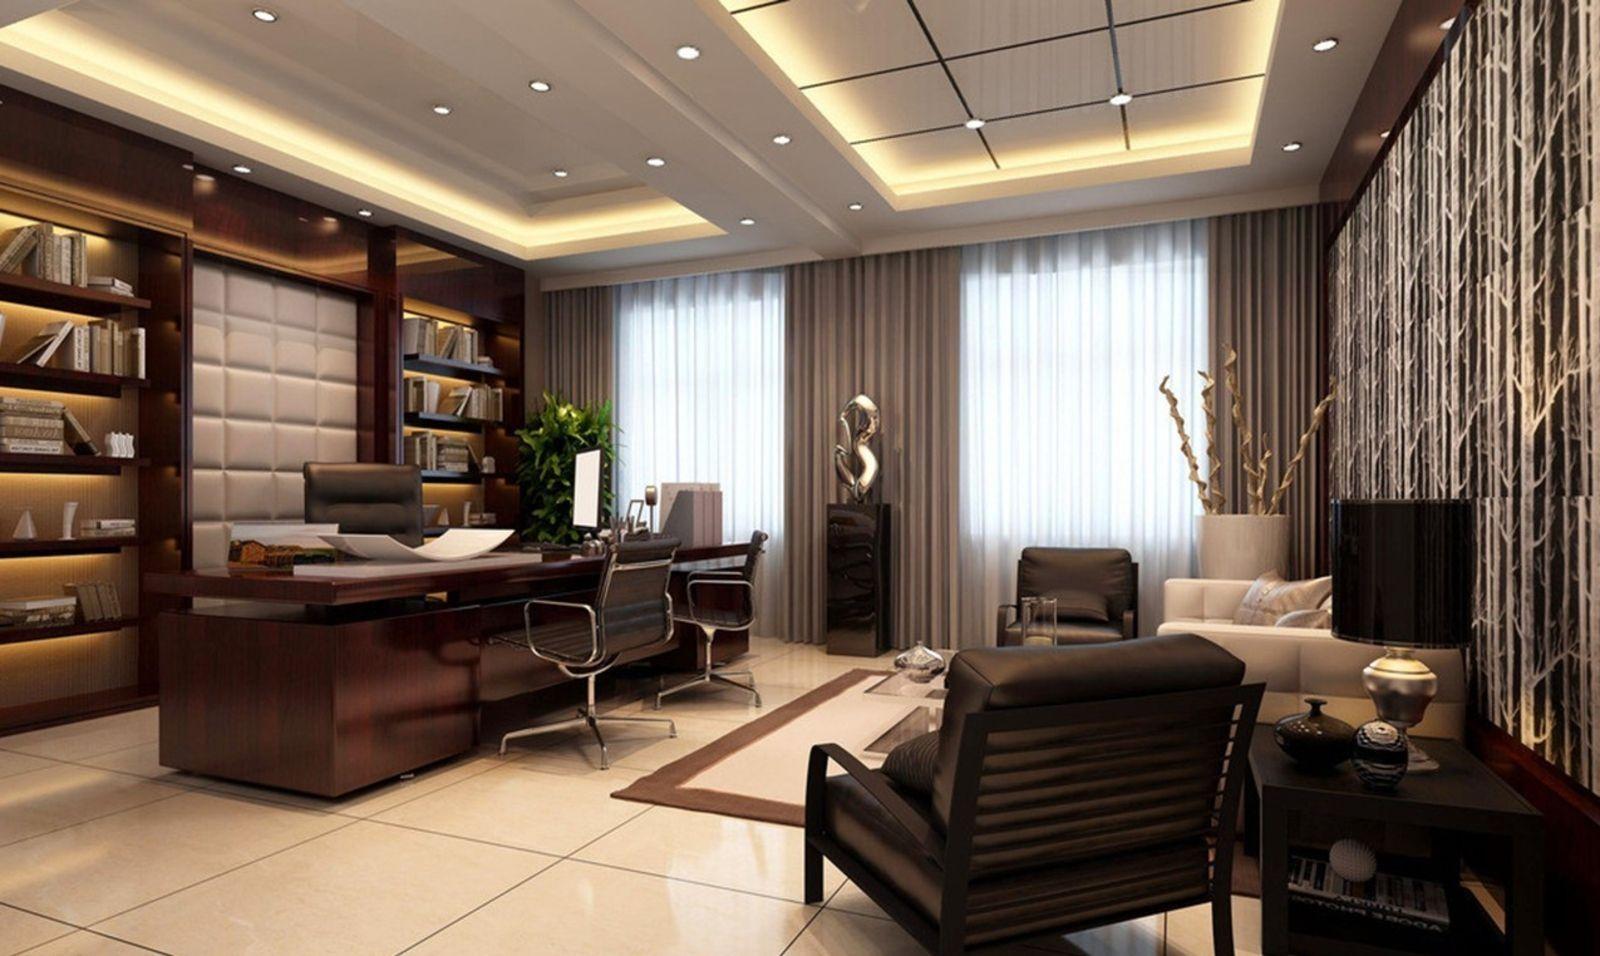 Modern Ceo Office Design Modern Ceo Office Design Modern Executive